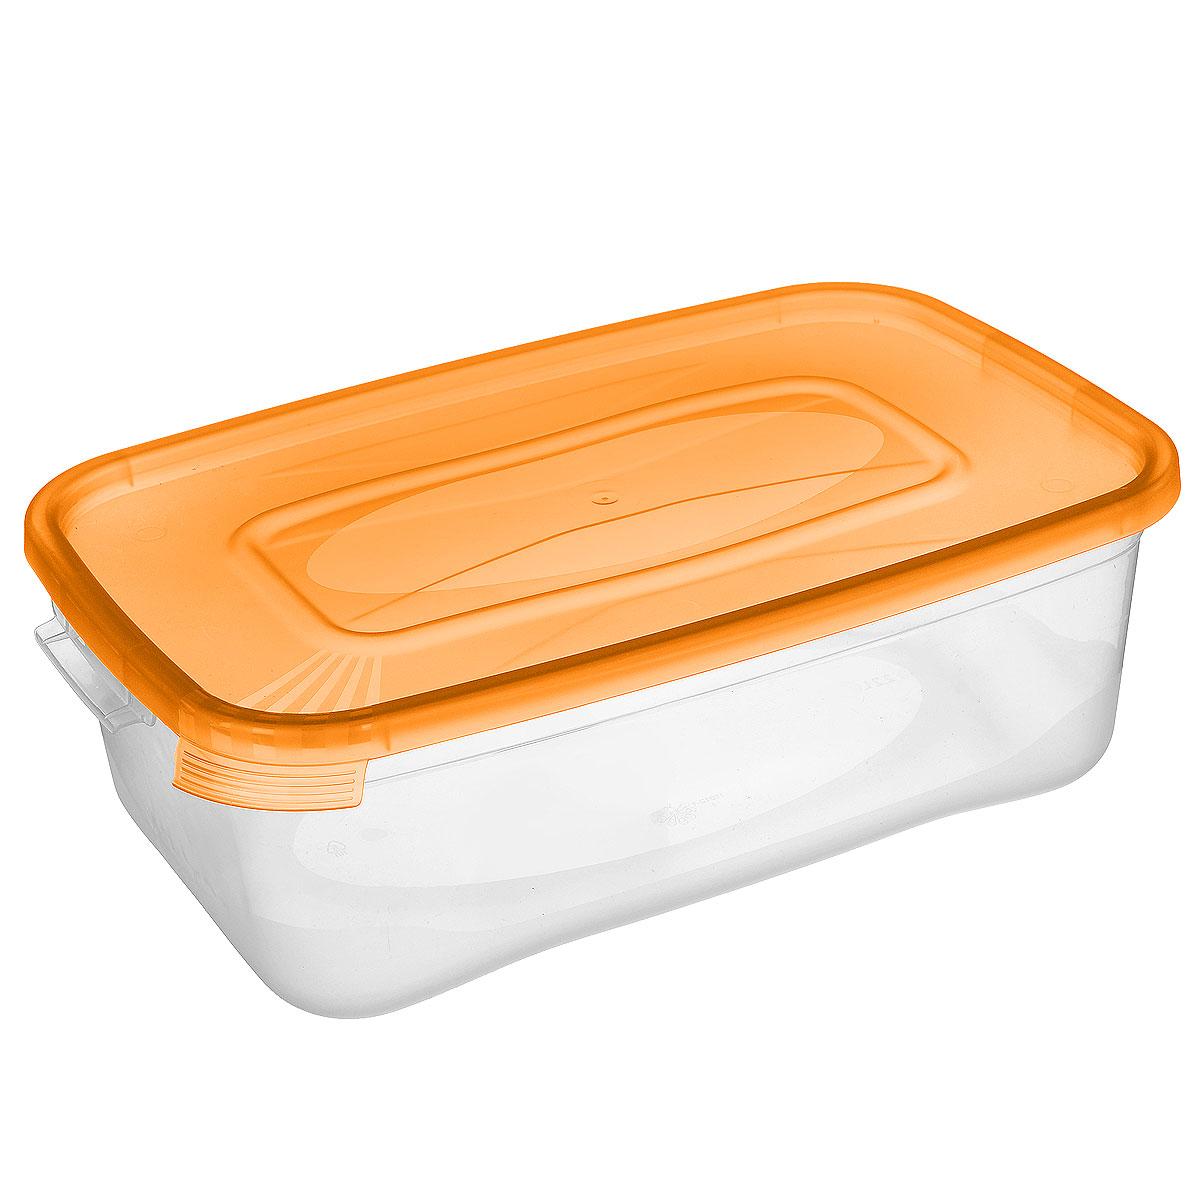 Контейнер Полимербыт Каскад, цвет: прозрачный, оранжевый, 1,2 лС580 оранжевыйКонтейнер Полимербыт Каскад прямоугольной формы, изготовленный из прочного пластика, предназначен специально для хранения пищевых продуктов. Крышка легко открывается и плотно закрывается. Контейнер устойчив к воздействию масел и жиров, легко моется. Прозрачные стенки позволяют видеть содержимое. Контейнер имеет возможность хранения продуктов глубокой заморозки, обладает высокой прочностью. Подходит для использования в микроволновых печах. Можно мыть в посудомоечной машине.